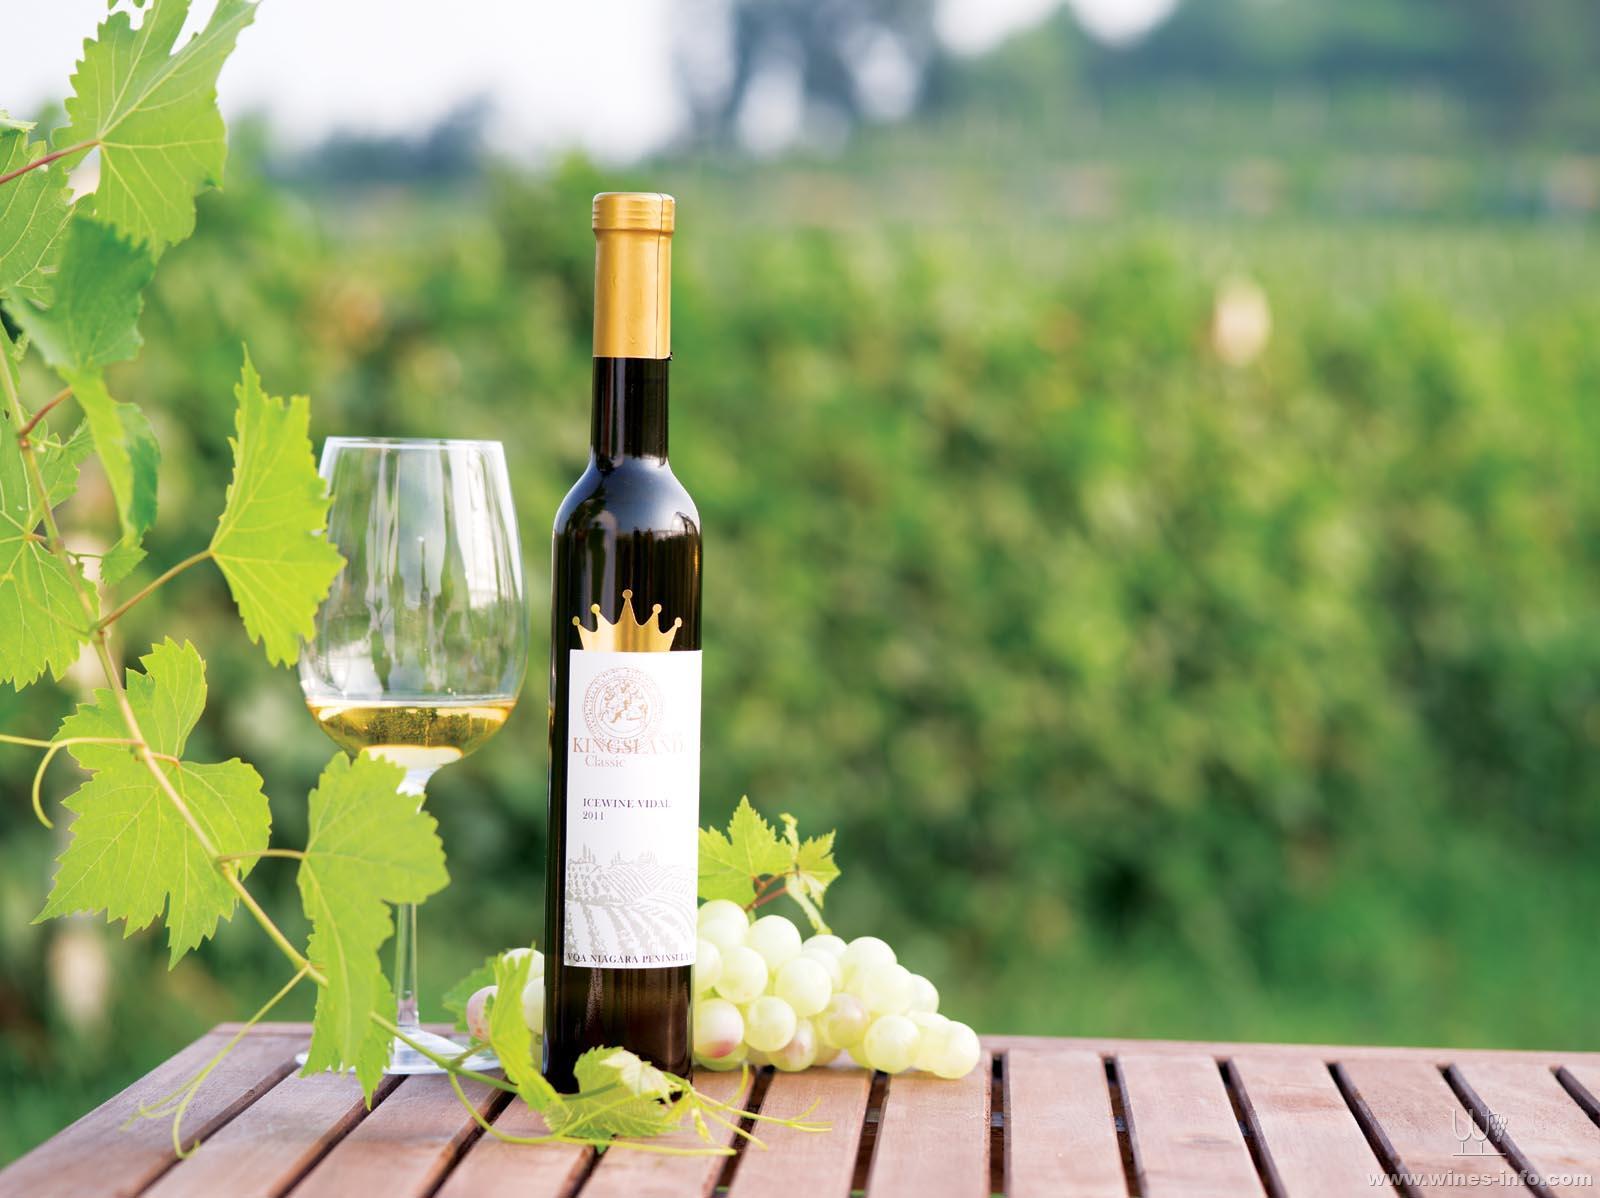 葡萄酒PPT背景图片免费下载是由PPT宝藏(www.pptbz.com)会员zengmin上传推荐的其他PPT背景图片, 更新时间为2017-01-23,素材编号120982。 葡萄酒是用新鲜的葡萄或葡萄汁经完全或部分发酵酿成的酒精饮料。通常分红葡萄酒和白葡萄酒、桃红葡萄酒三种。红葡萄酒一般用红葡萄品种酿制,白葡萄酒可用白葡萄品种,或者脱皮的红葡萄品种酿制,桃红葡萄酒用红葡萄品种酿制,但浸皮期较短。 古代的波斯是古文明发源地之一。多数历史学家都认为波斯可能是世界上最早酿造葡萄酒的国家[1]。 葡萄酒的相册